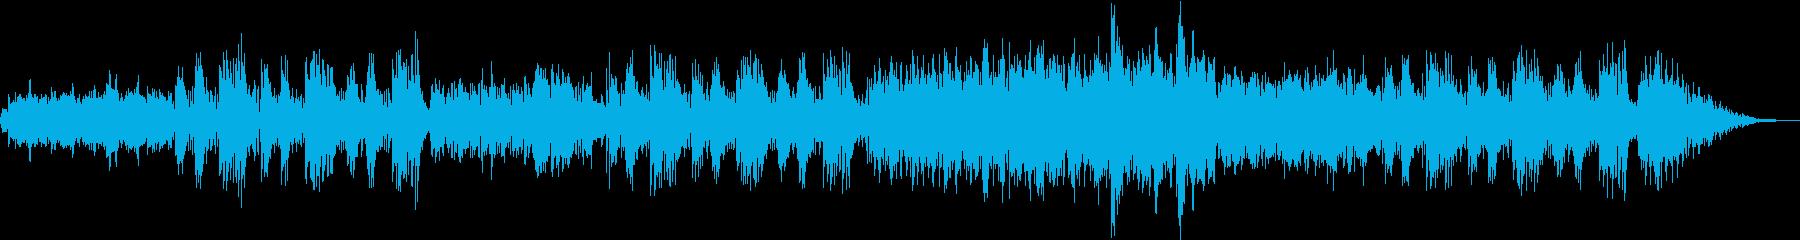 超スイートなムードの優しく切ないボサノバの再生済みの波形